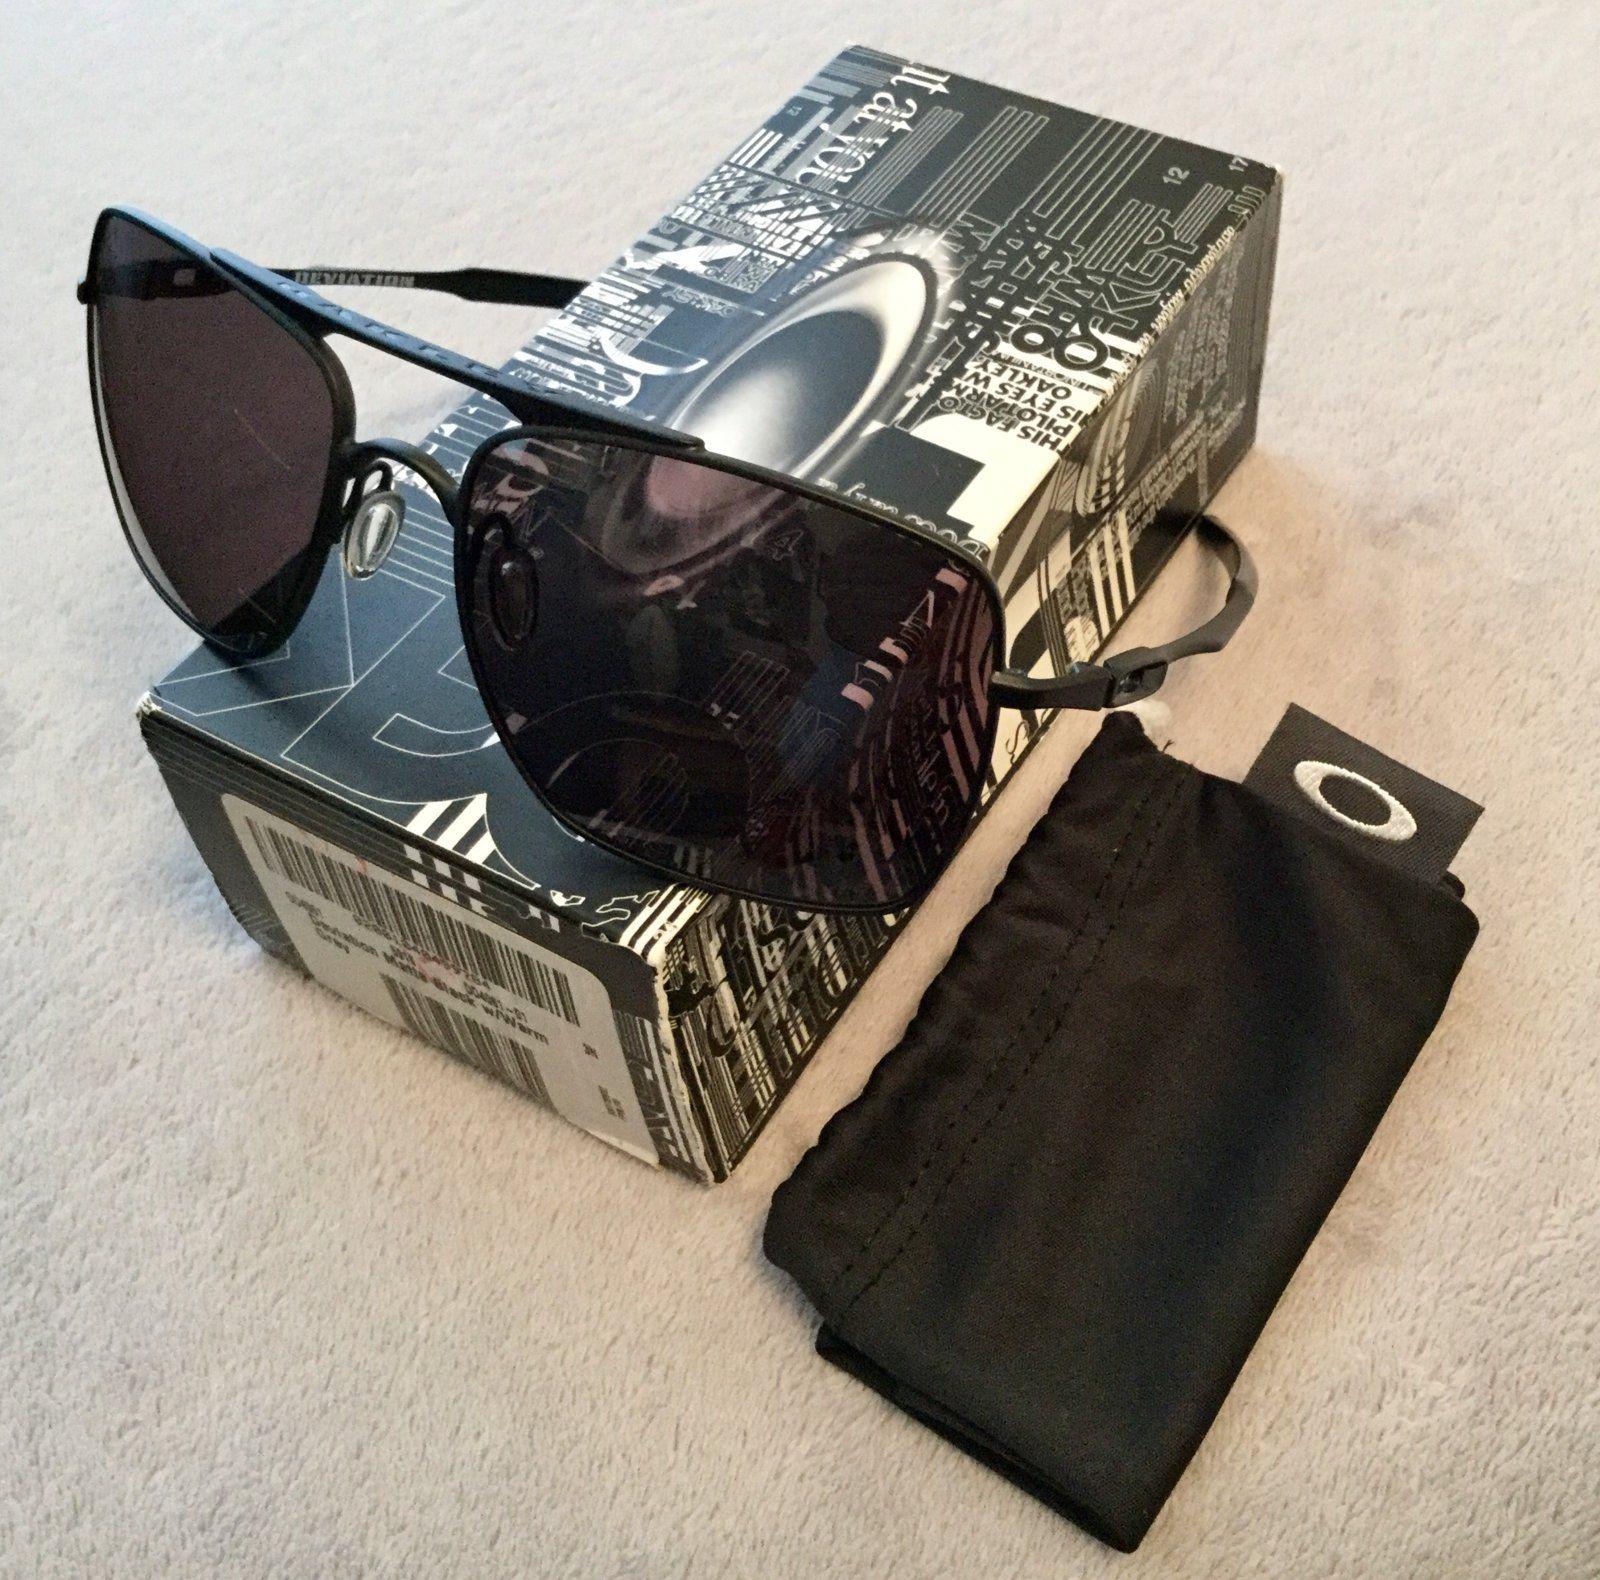 e8991dca44 Oakley Deviation Sunglasses (New) - 2CB89D21-9E1C-44B2-ABFB-3075DB0ED438